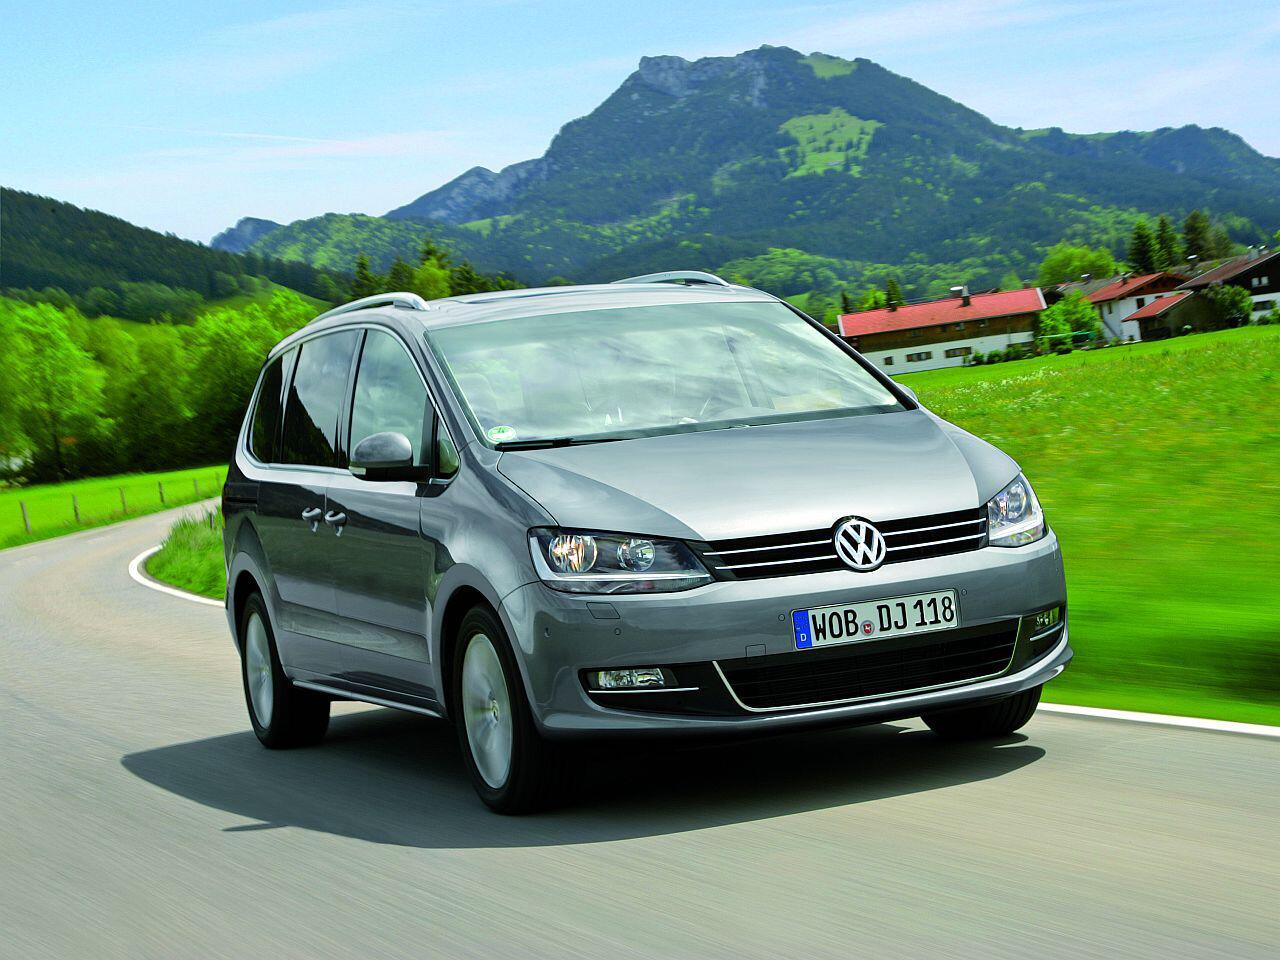 Bild zu Bester Werterhalt in Prozent bei den Vans: VW Sharan 2.0 TDI